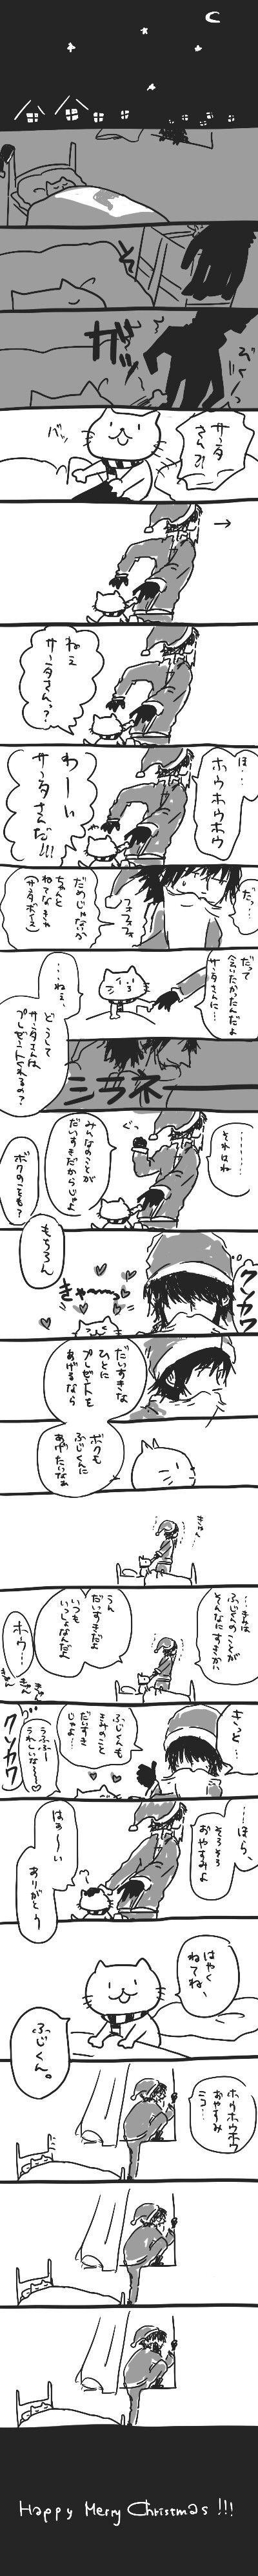 @bump_7996 yuukaさん、リプありがとうございます。twitpicの方に載せましたので、リンク先だったら大きめに表示されると思うので見てみてください!見れなかったらまた言ってくださいませ~!